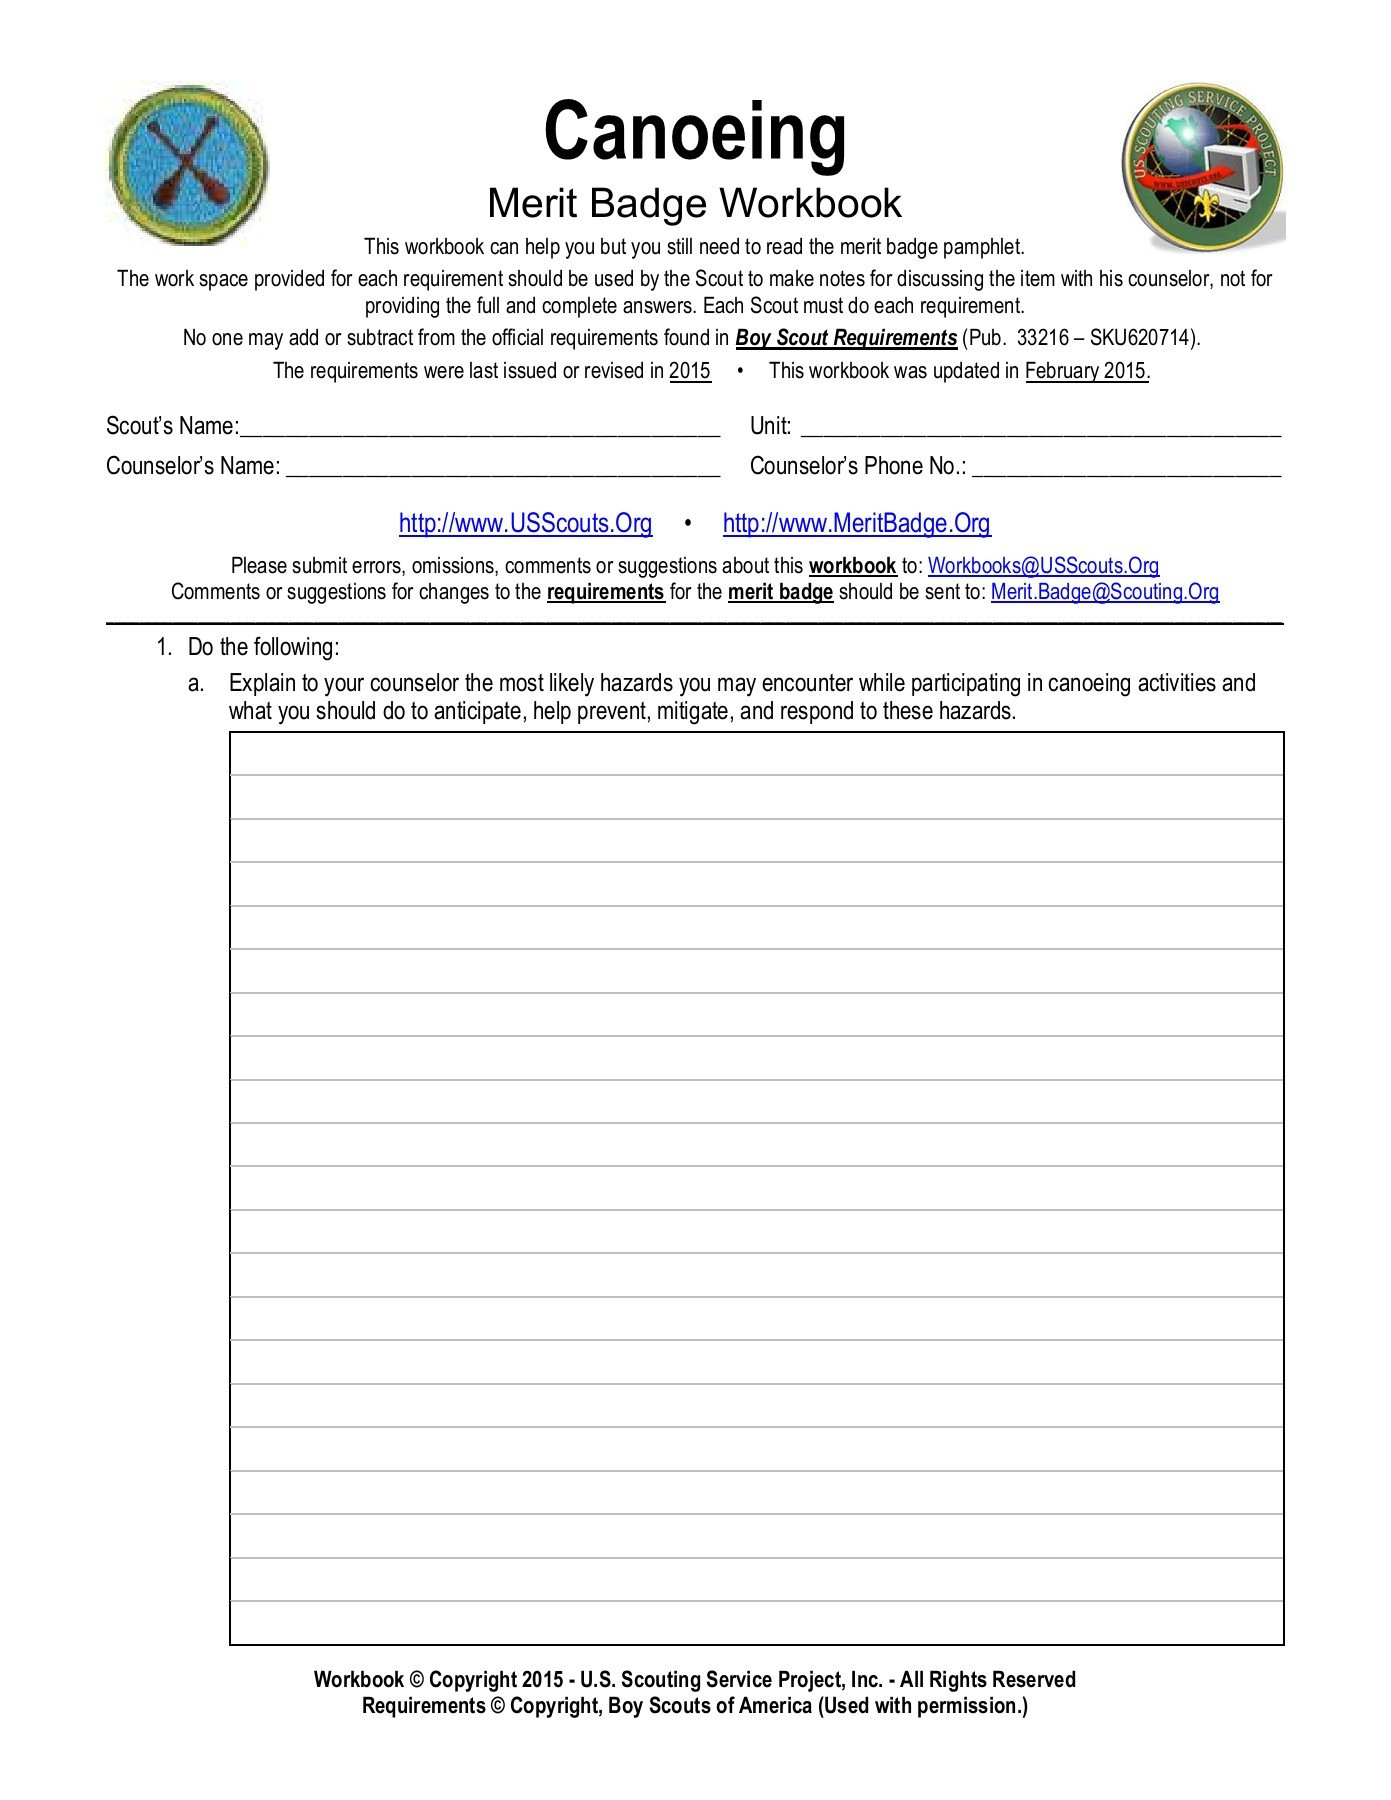 Merit Badge Worksheets — db excel.com